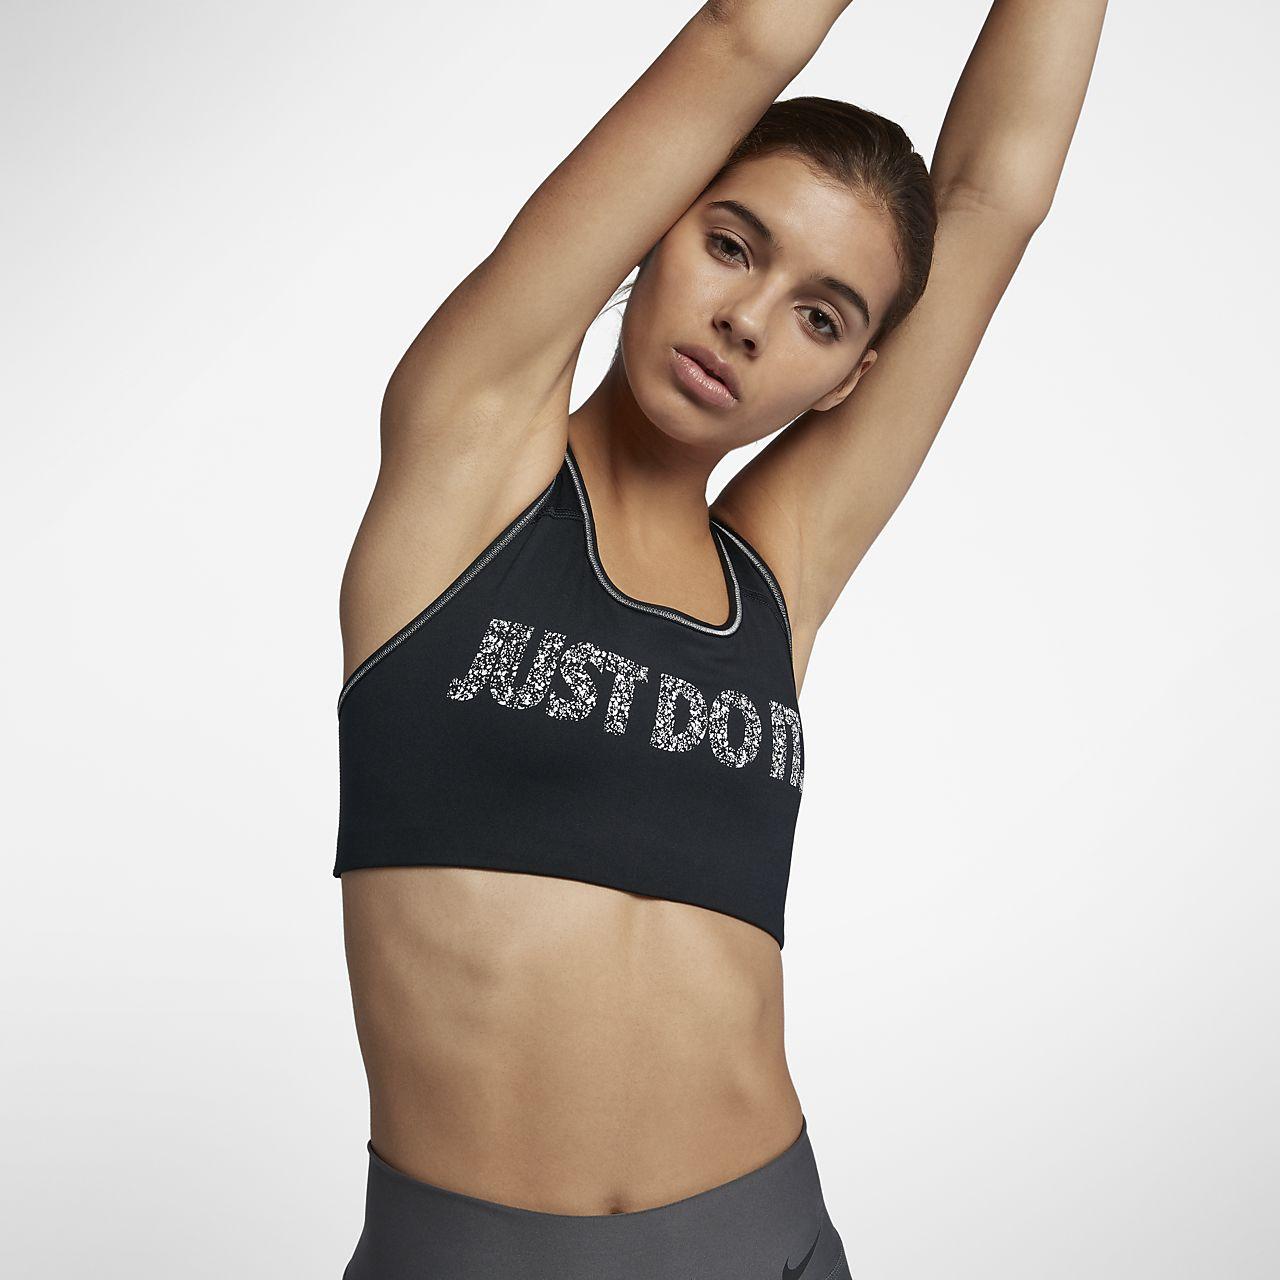 ... Sujetador deportivo de sujeción media para mujer Nike Just Do It